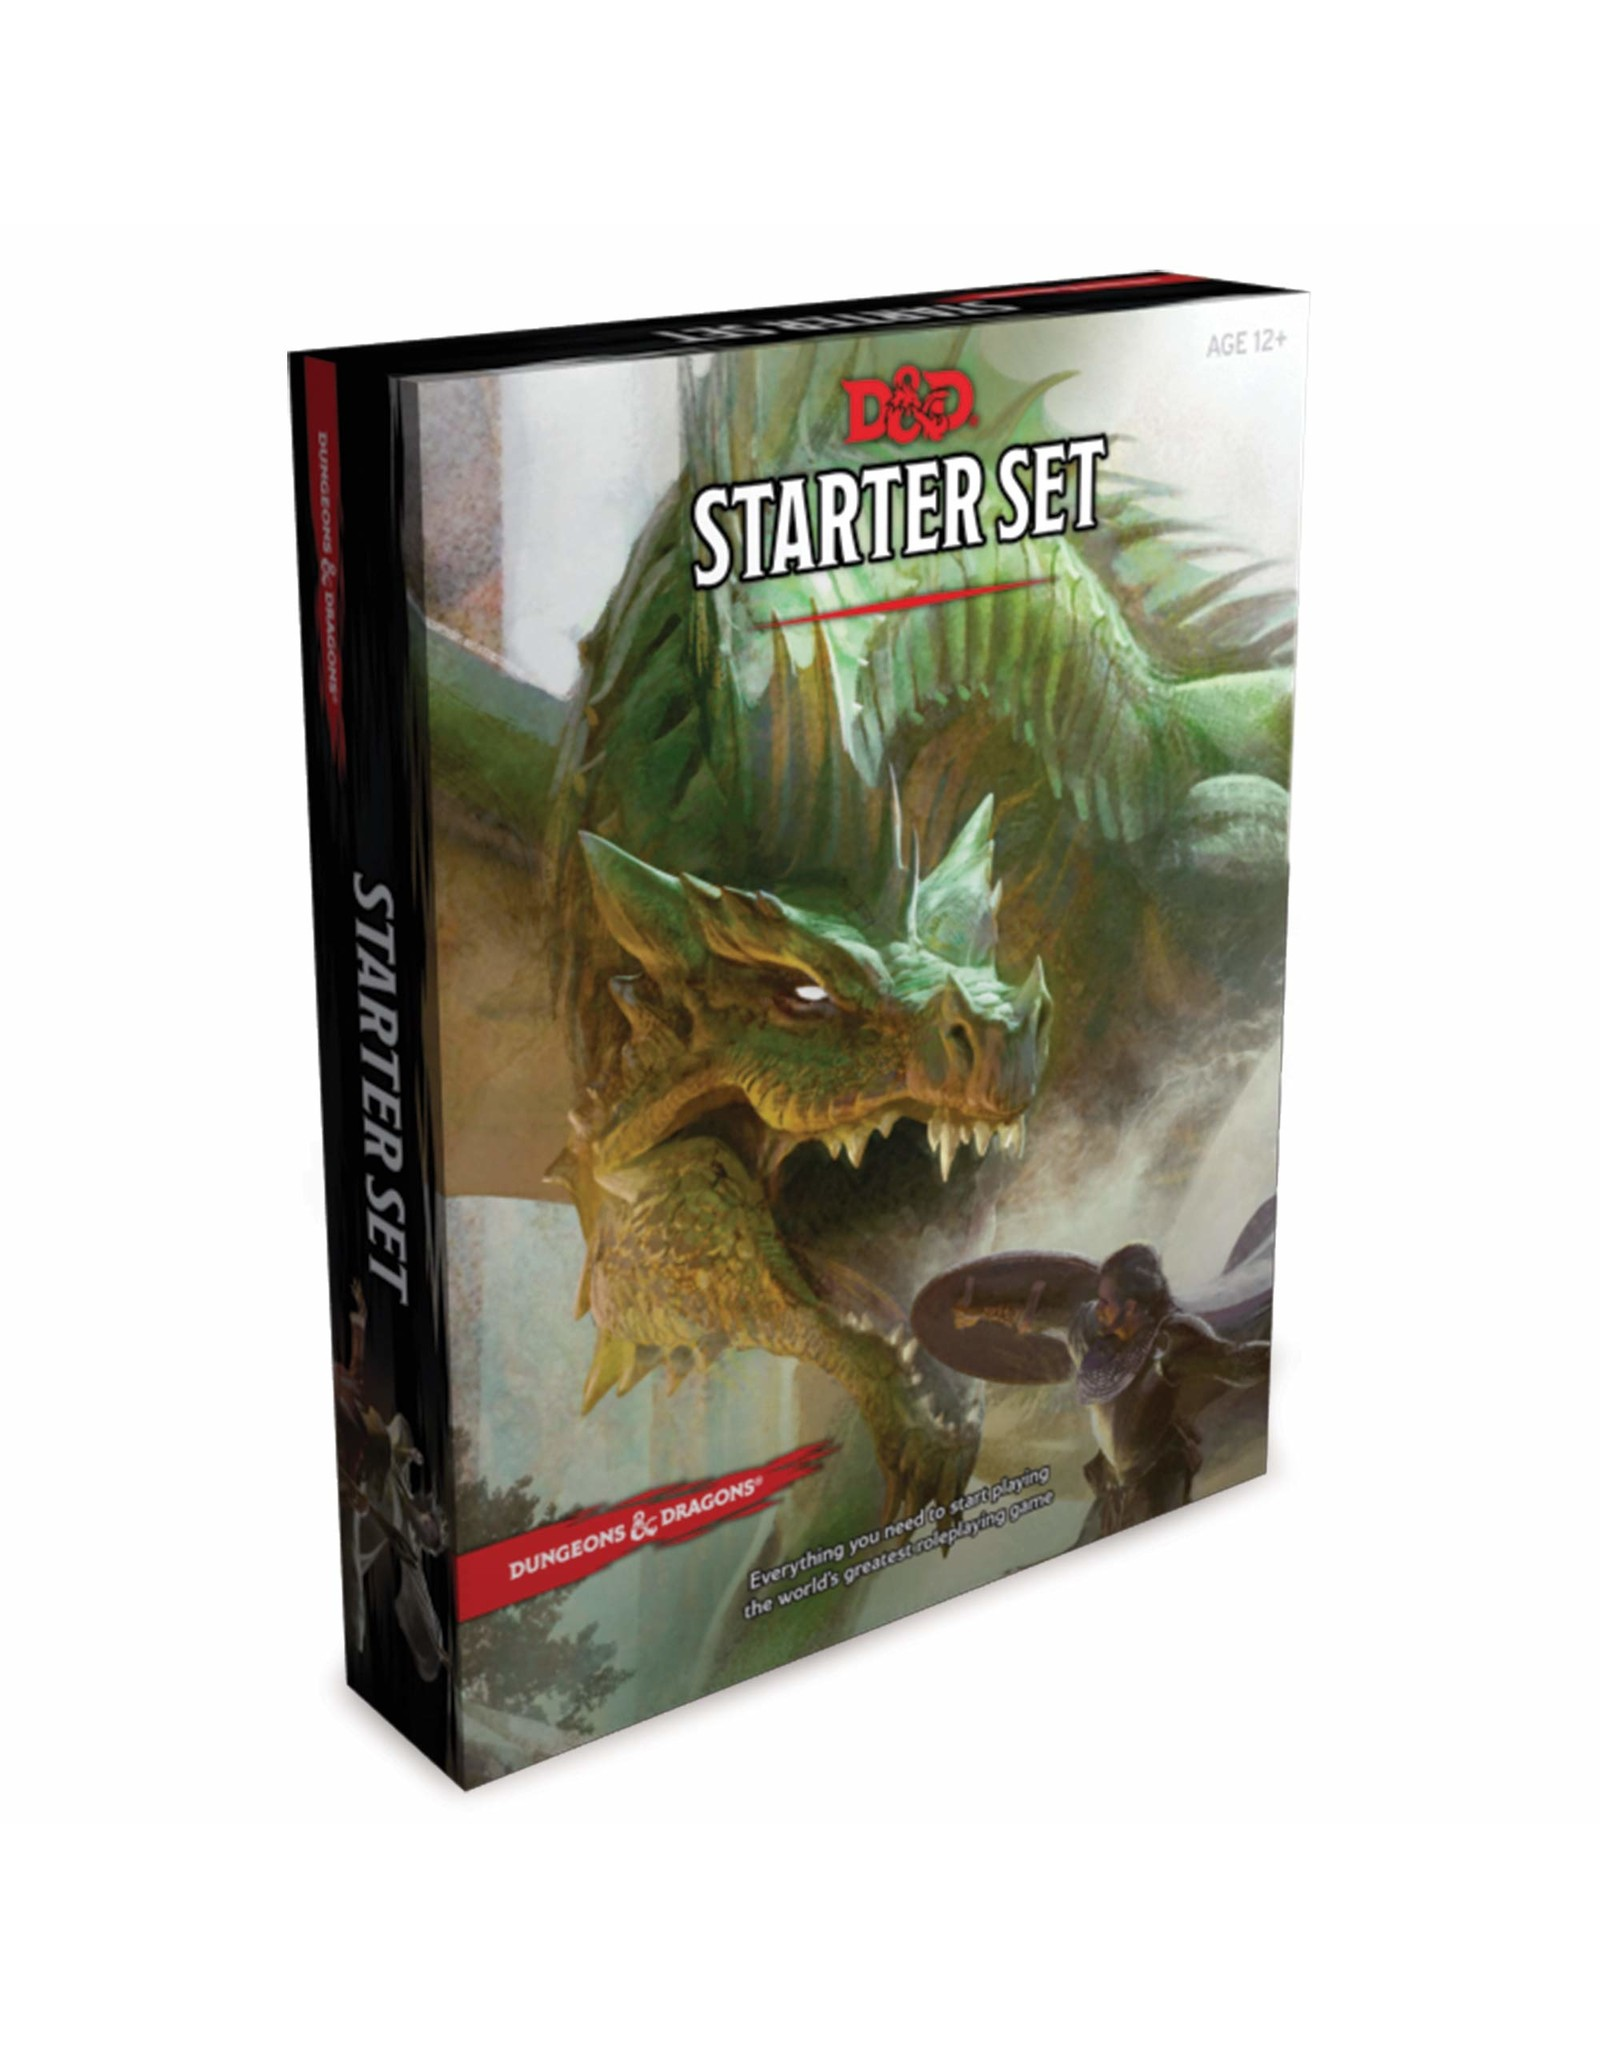 Dungeons & Dragons D&D 5E: Starter Set